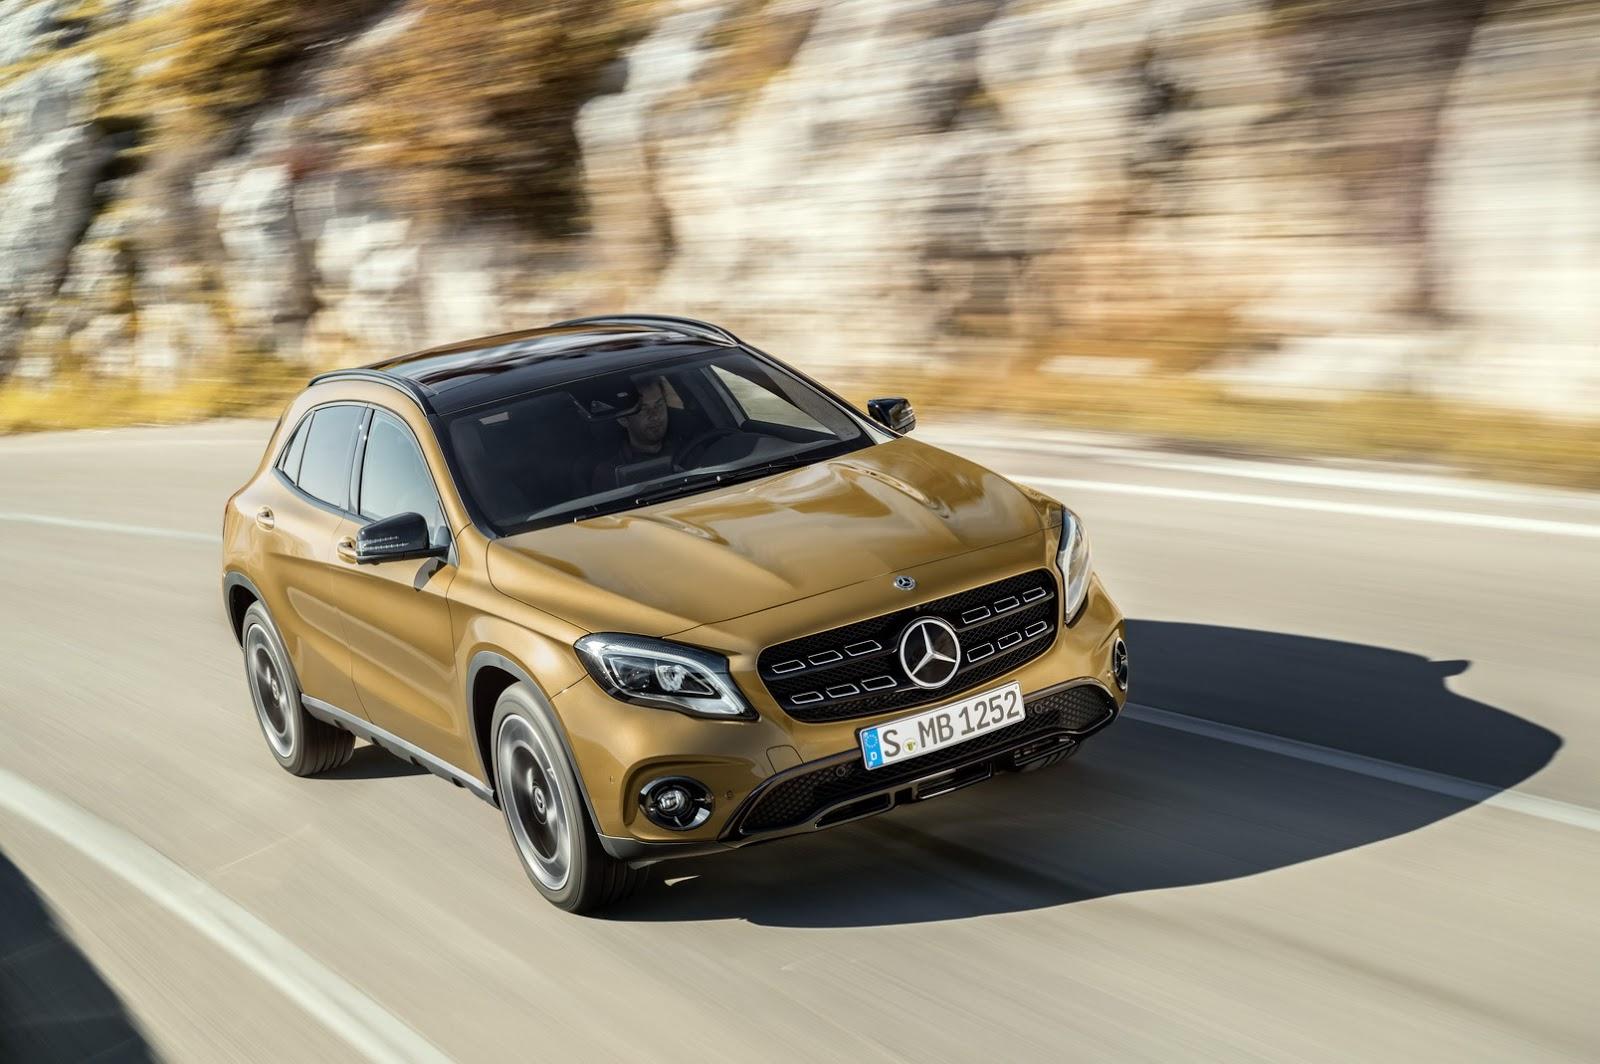 Mercedes GLA facelift and GLA 45 AMG facelift 2017 (32)